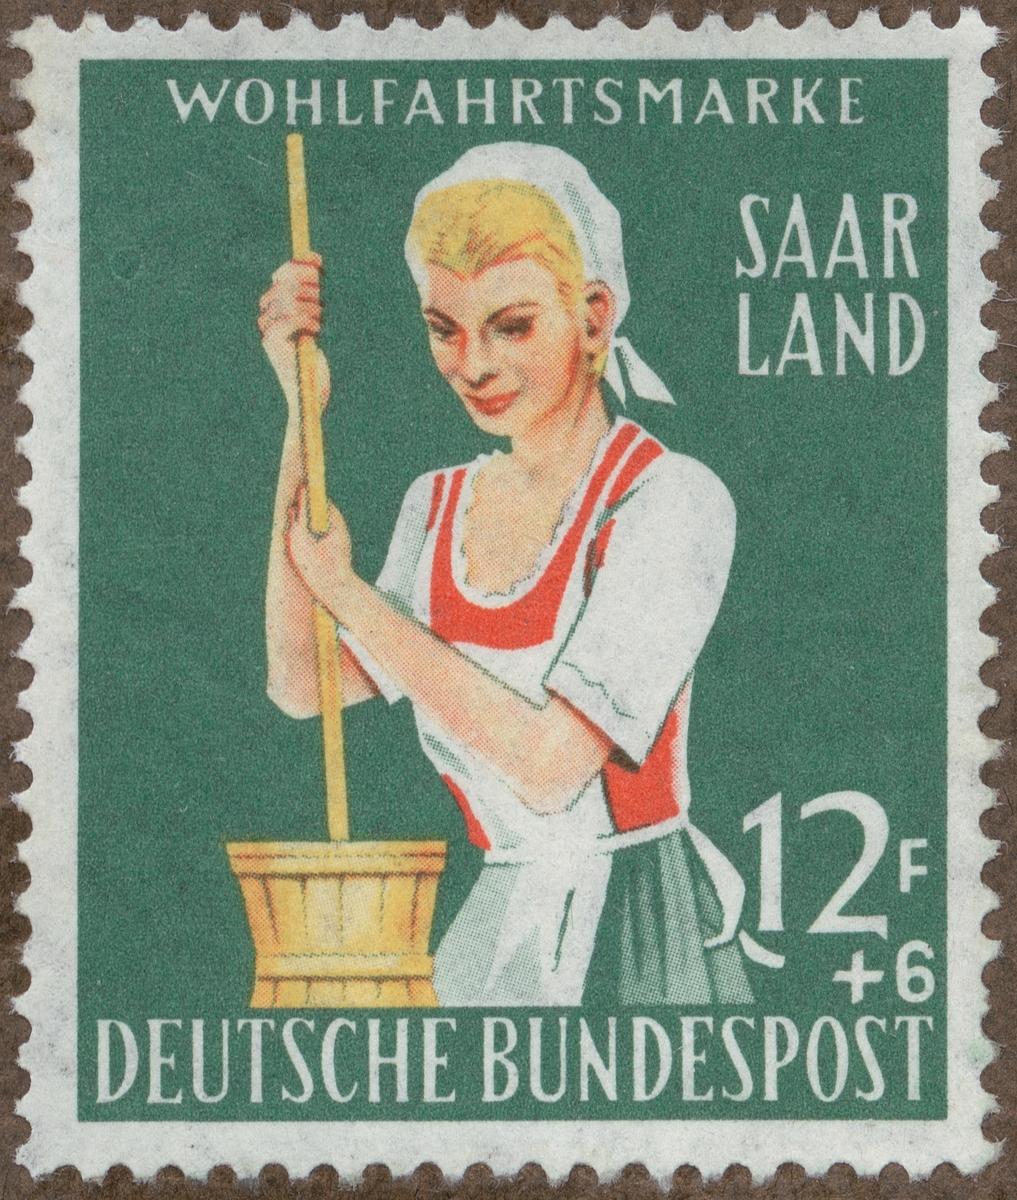 Frimärke ur Gösta Bodmans filatelistiska motivsamling, påbörjad 1950. Frimärke från Västtyskland, 1958. Motiv av kvinna med smörtjärna.